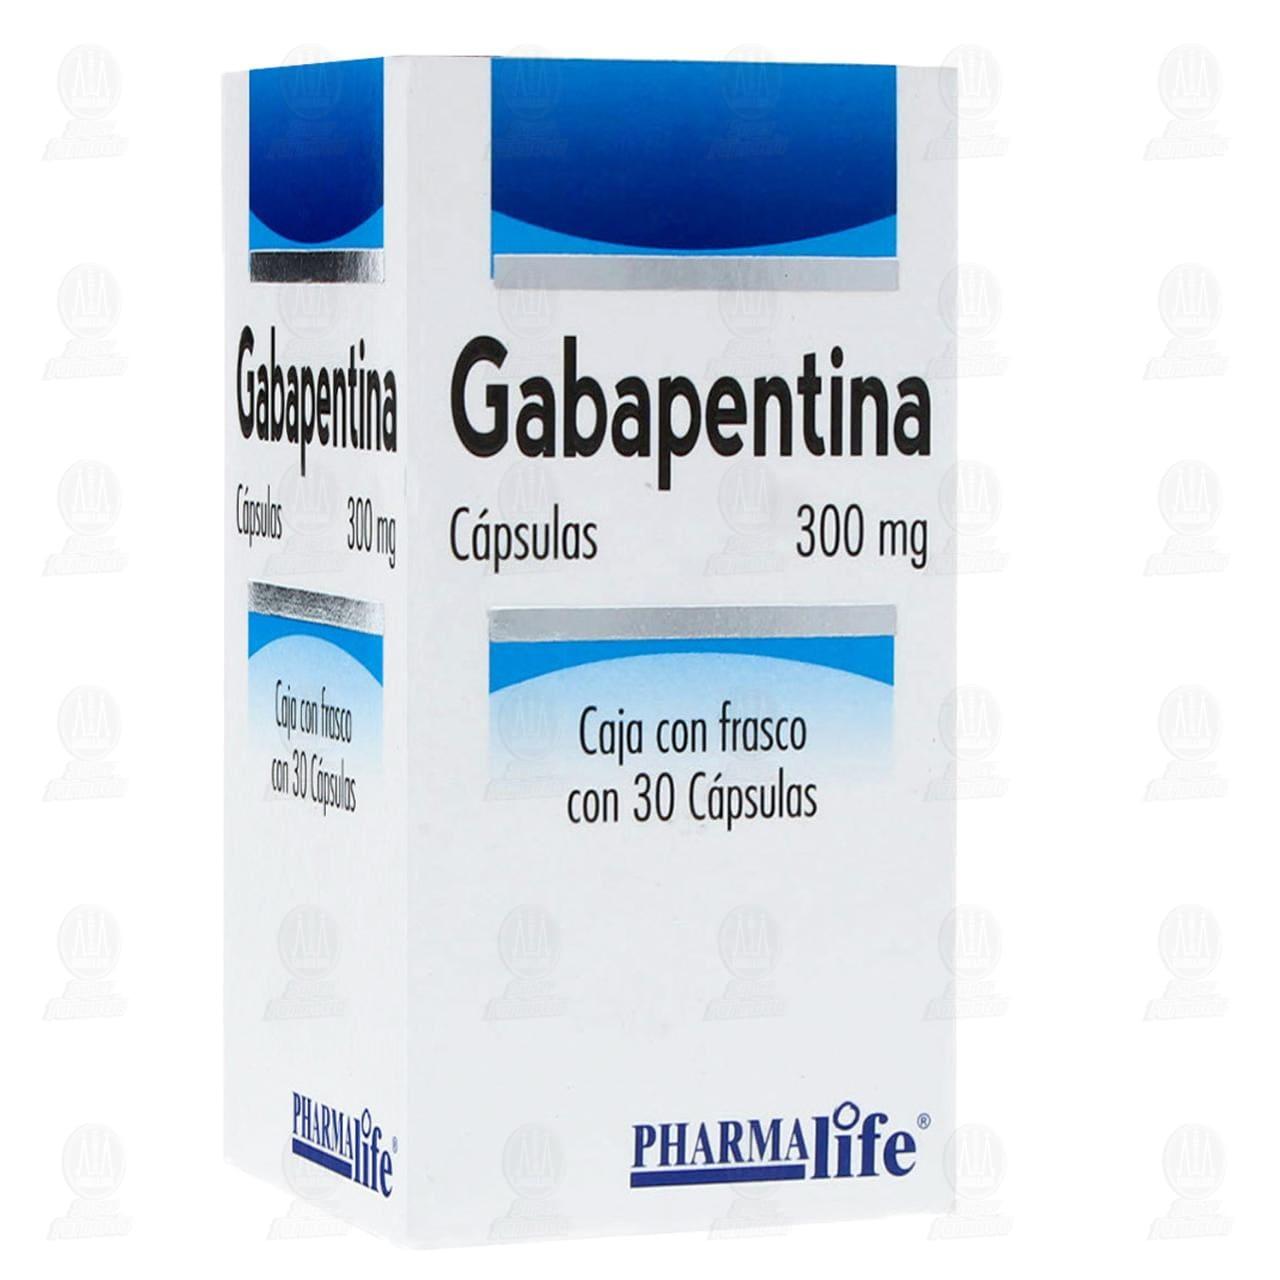 Gabapentina 300mg 30 Cápsulas Pharmalife